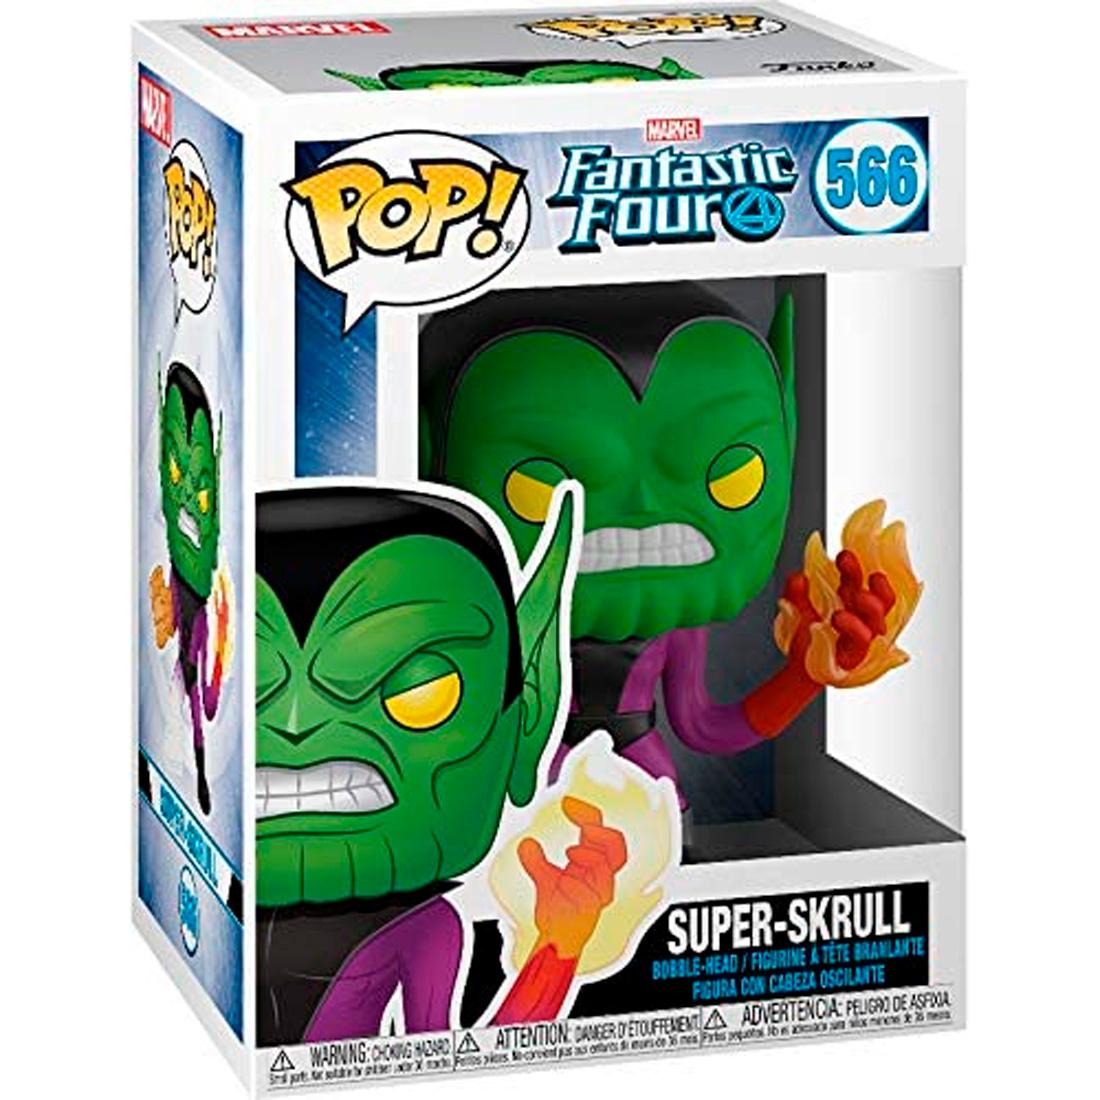 Funko Pop! Marvel - Fantastic Four 566 Super-Skrull